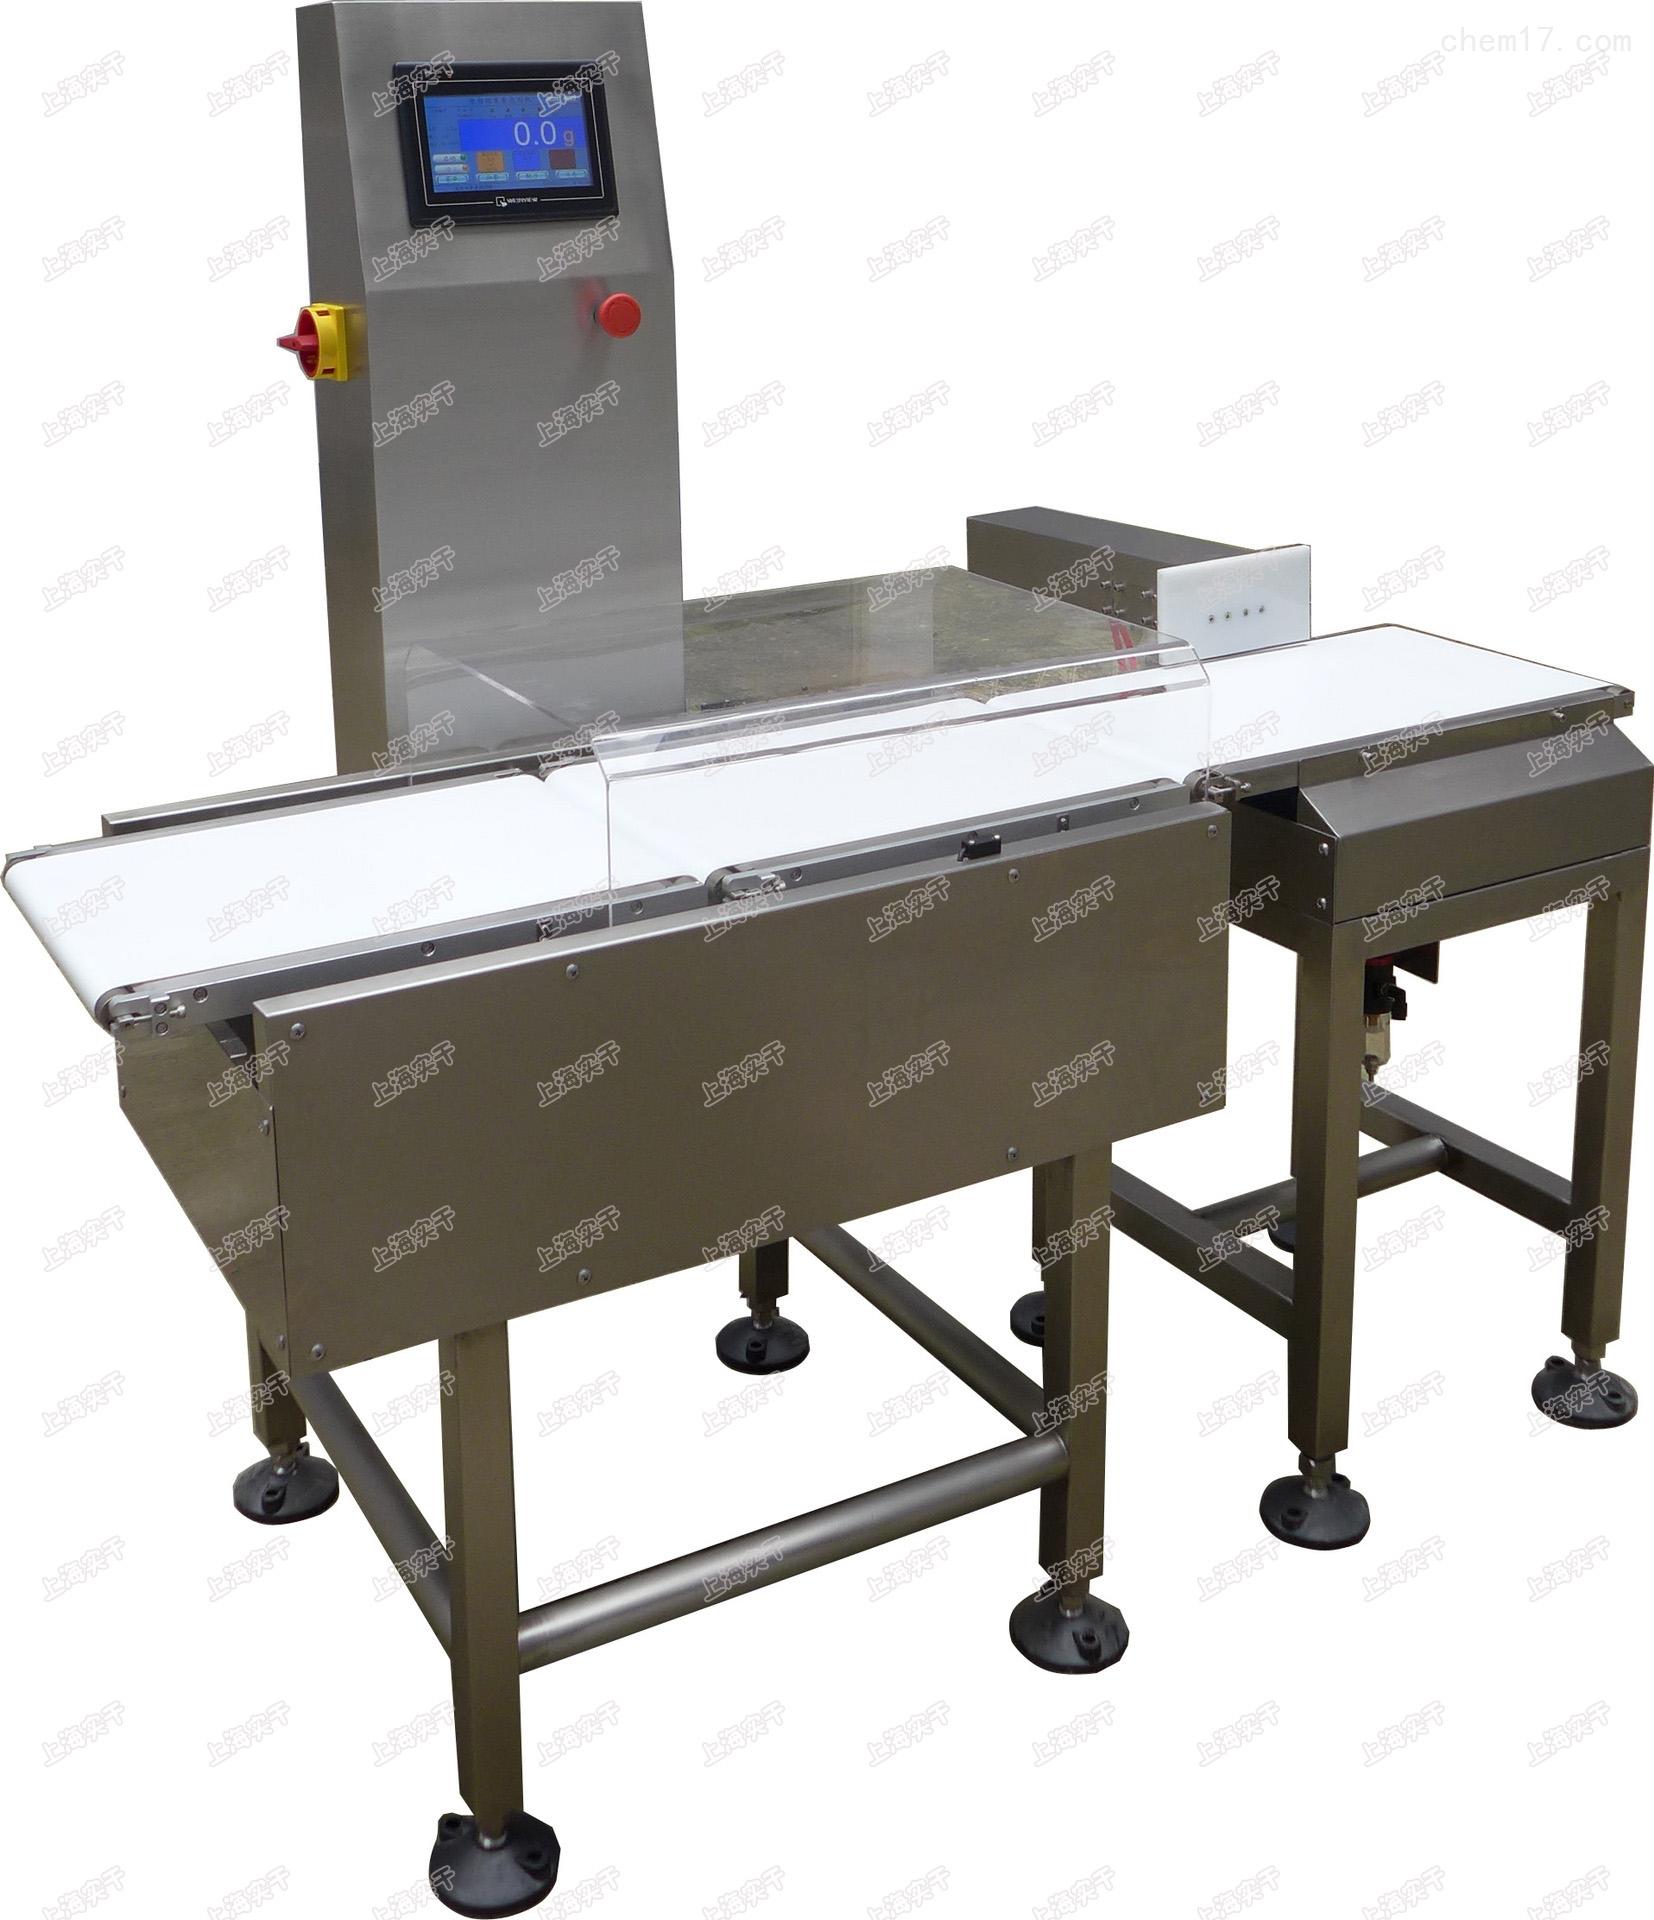 自动秤重机,分选秤,重量自动检测电子秤